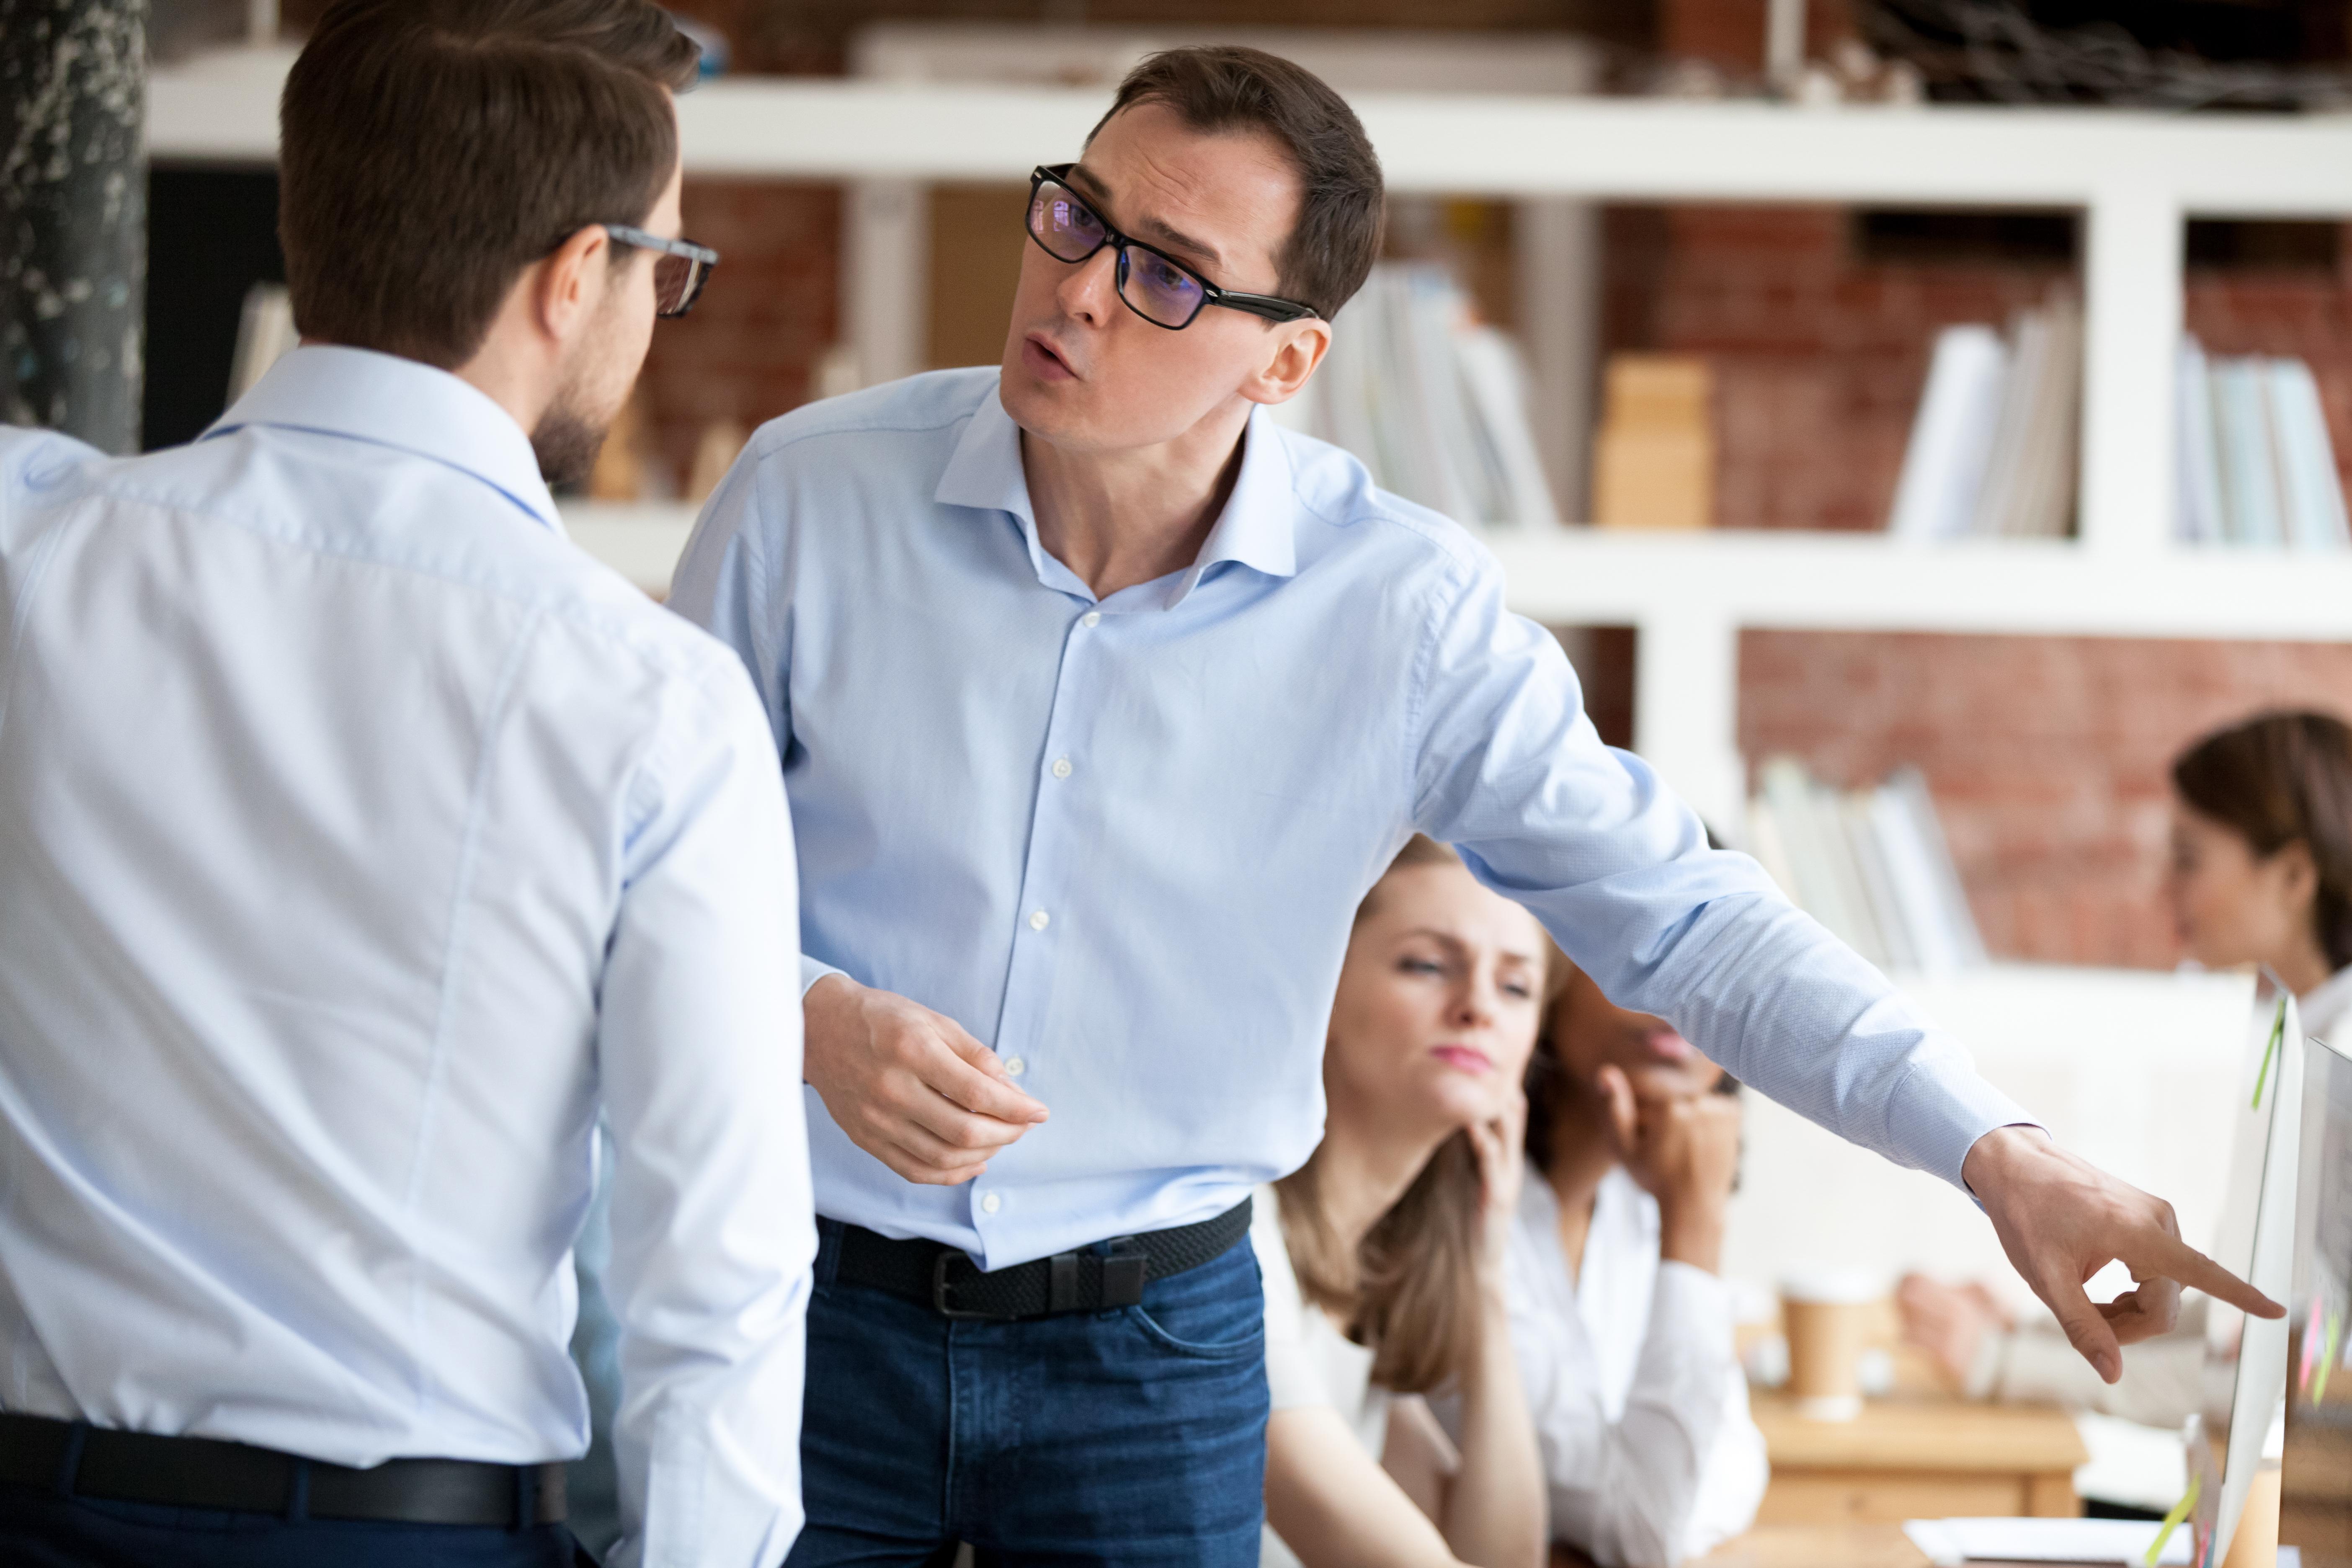 Hartuirea morala la locul de munca